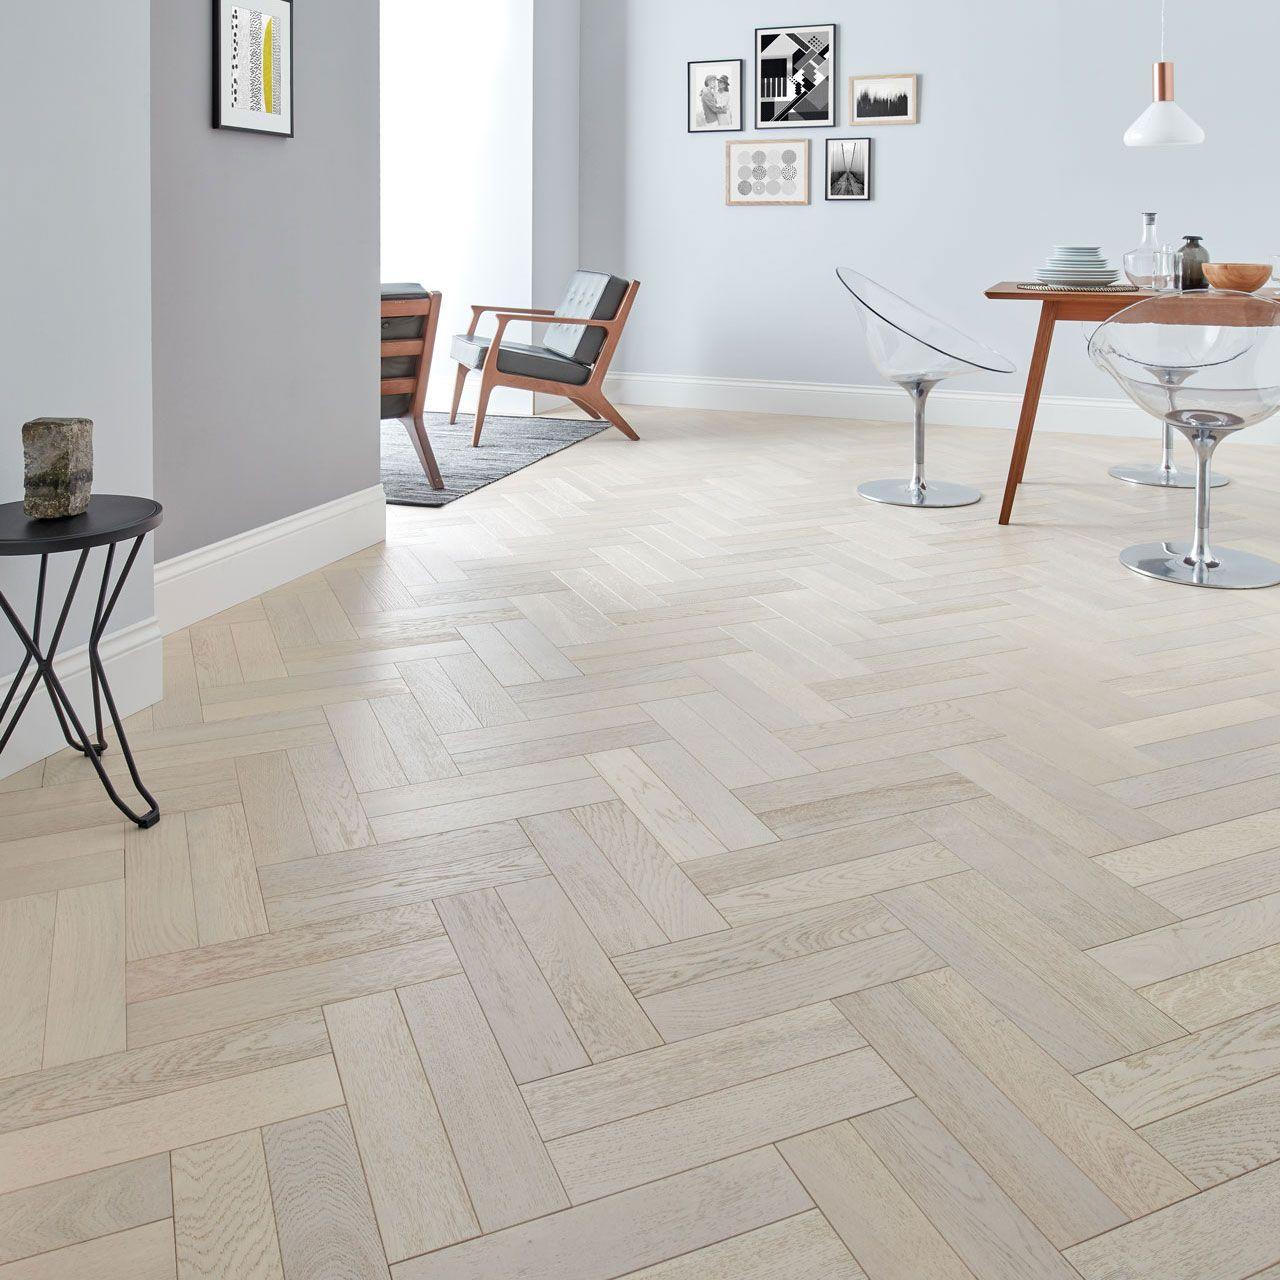 Goodrich Whitened Oak Oak parquet flooring, Herringbone